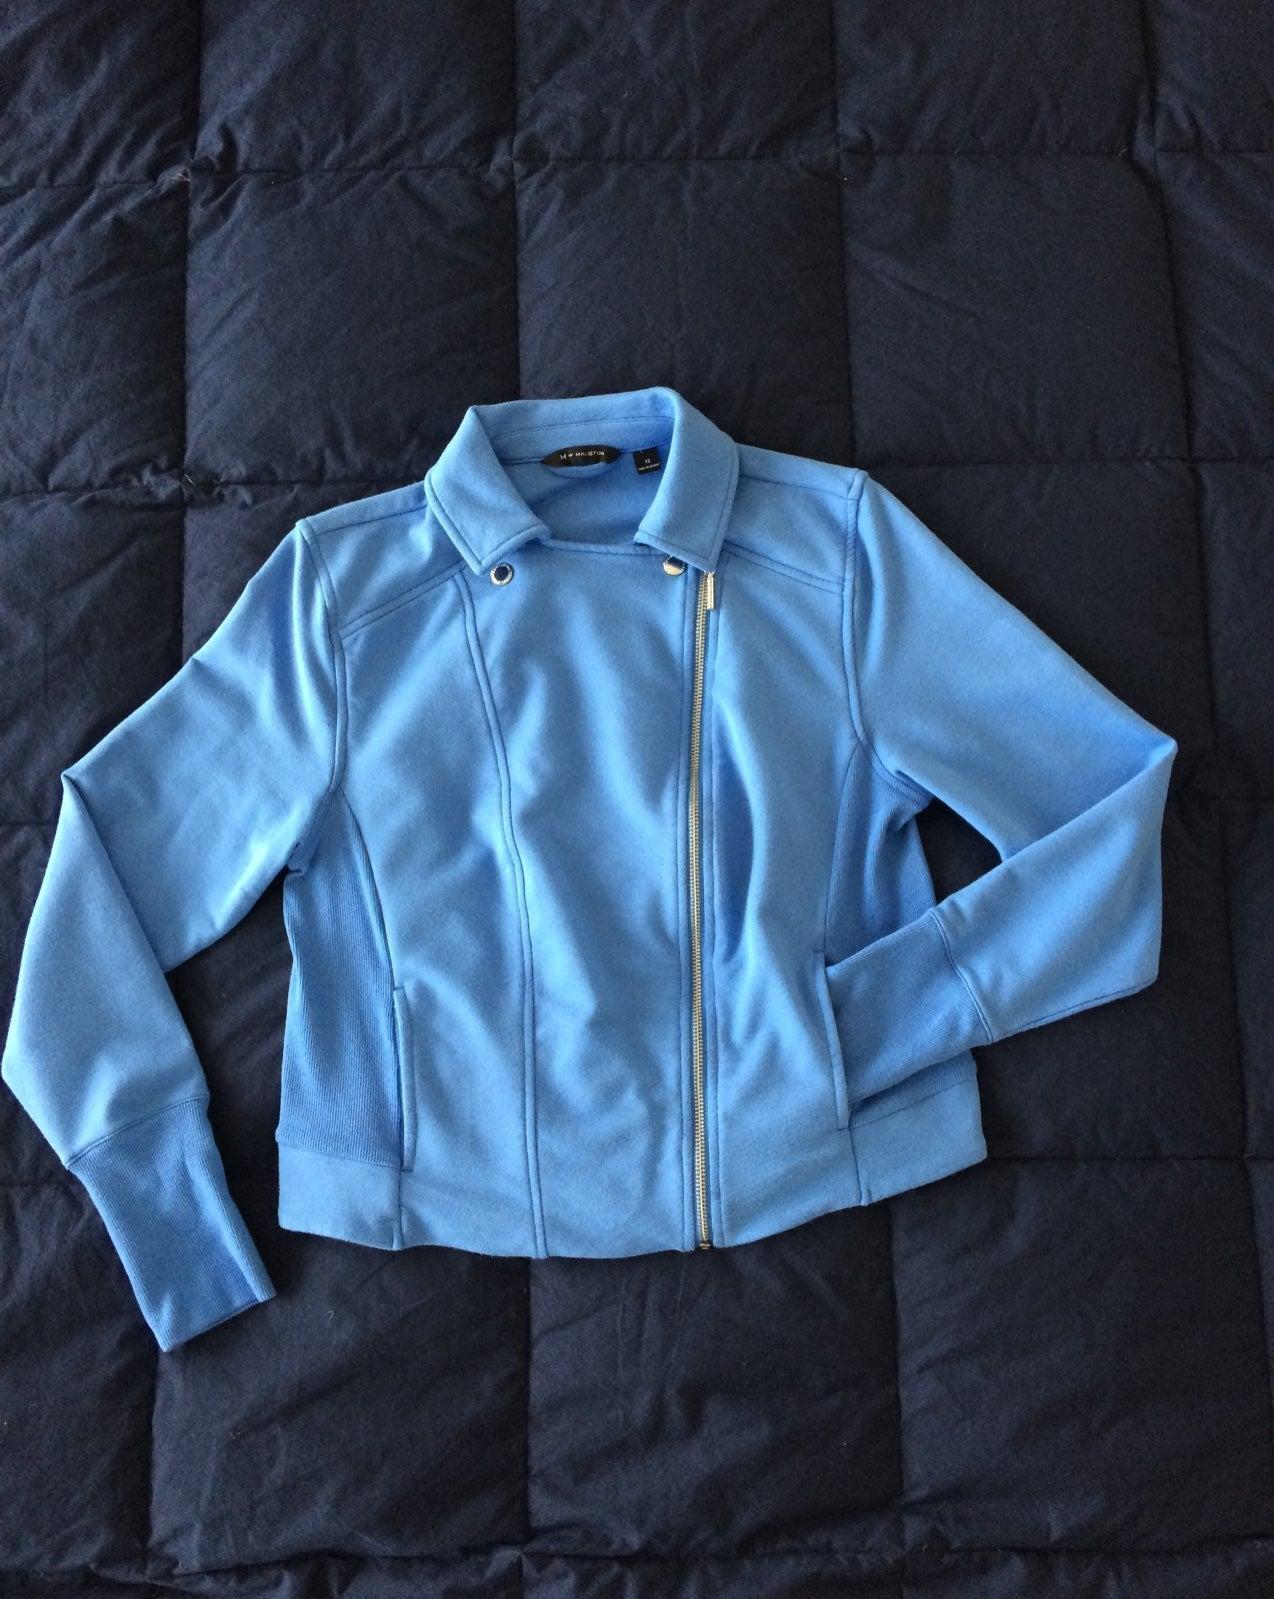 Bundle for janetteGGma (1 jack/2 shirts)